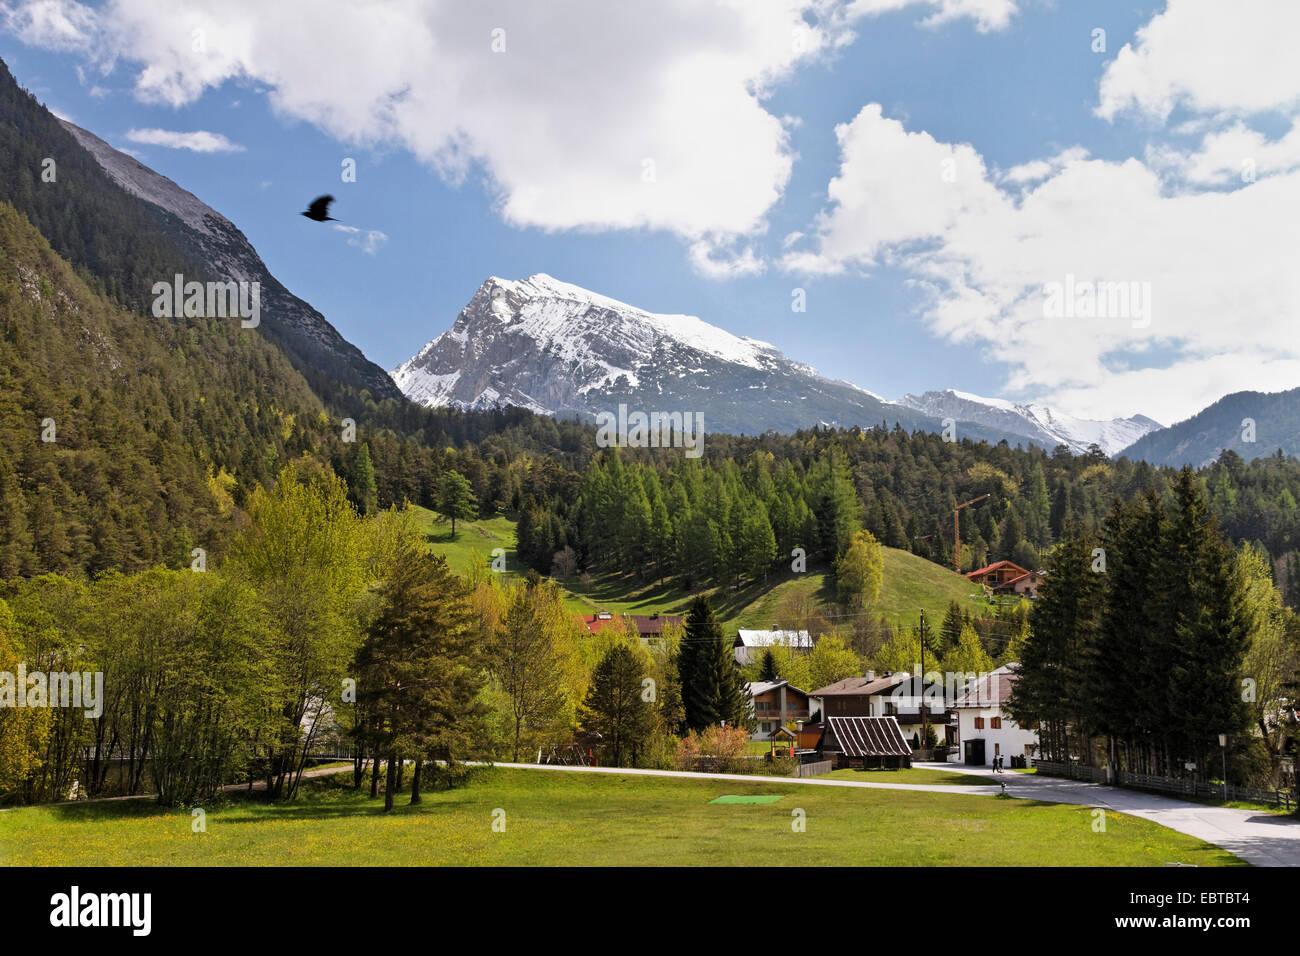 view to Pleisenspitze, Austria, Karwendel Mountains, Scharnitz - Stock Image